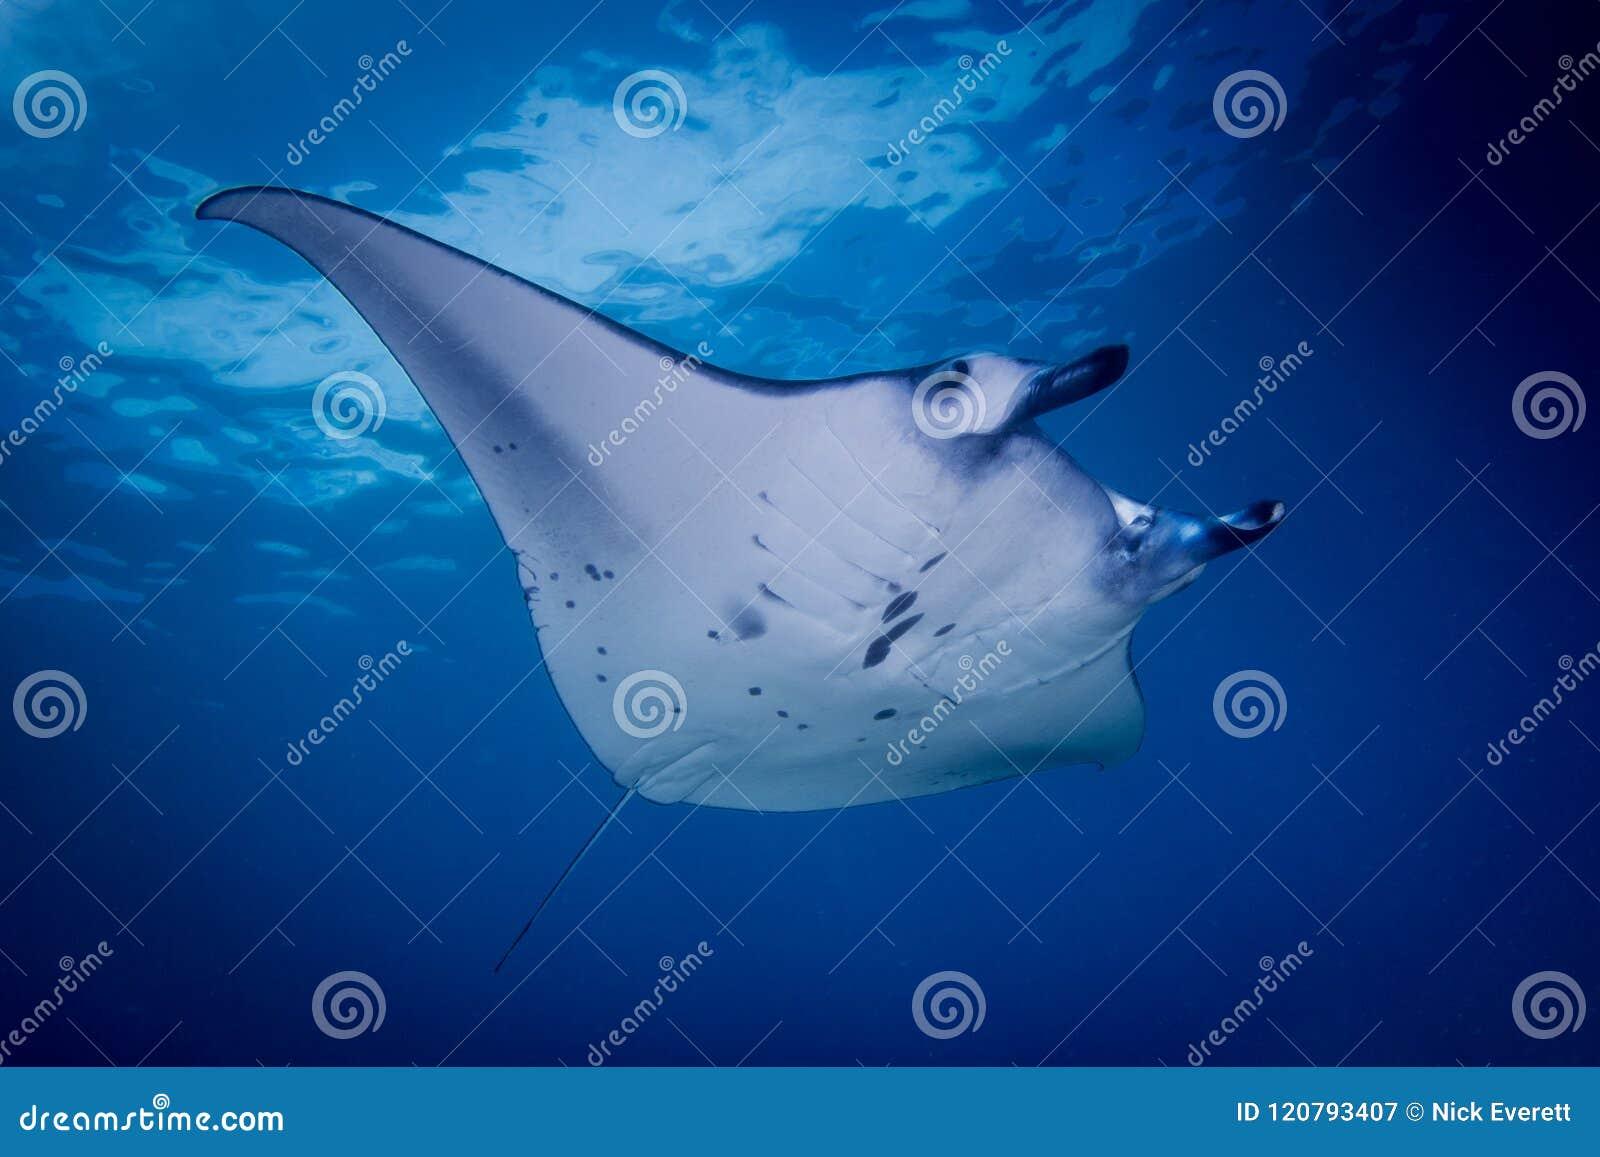 A Manta ray - Manta alfredi